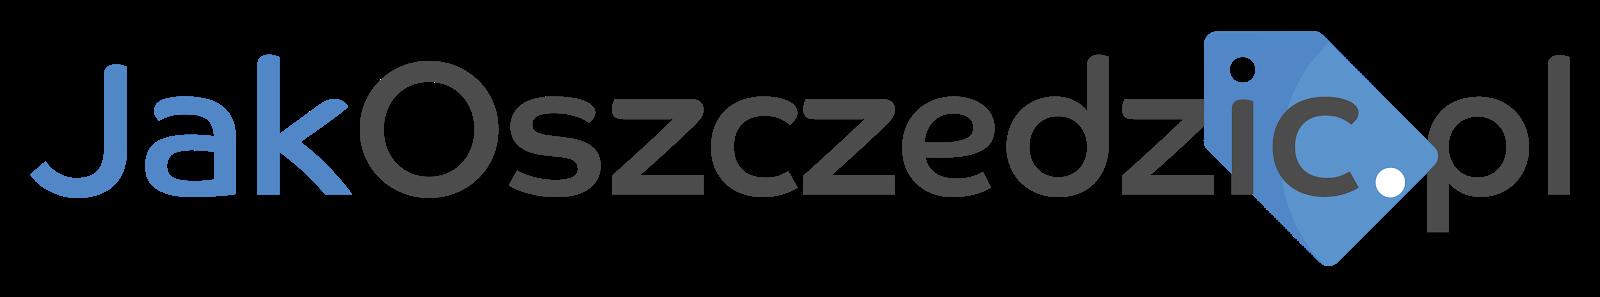 JakOszczedzic.pl